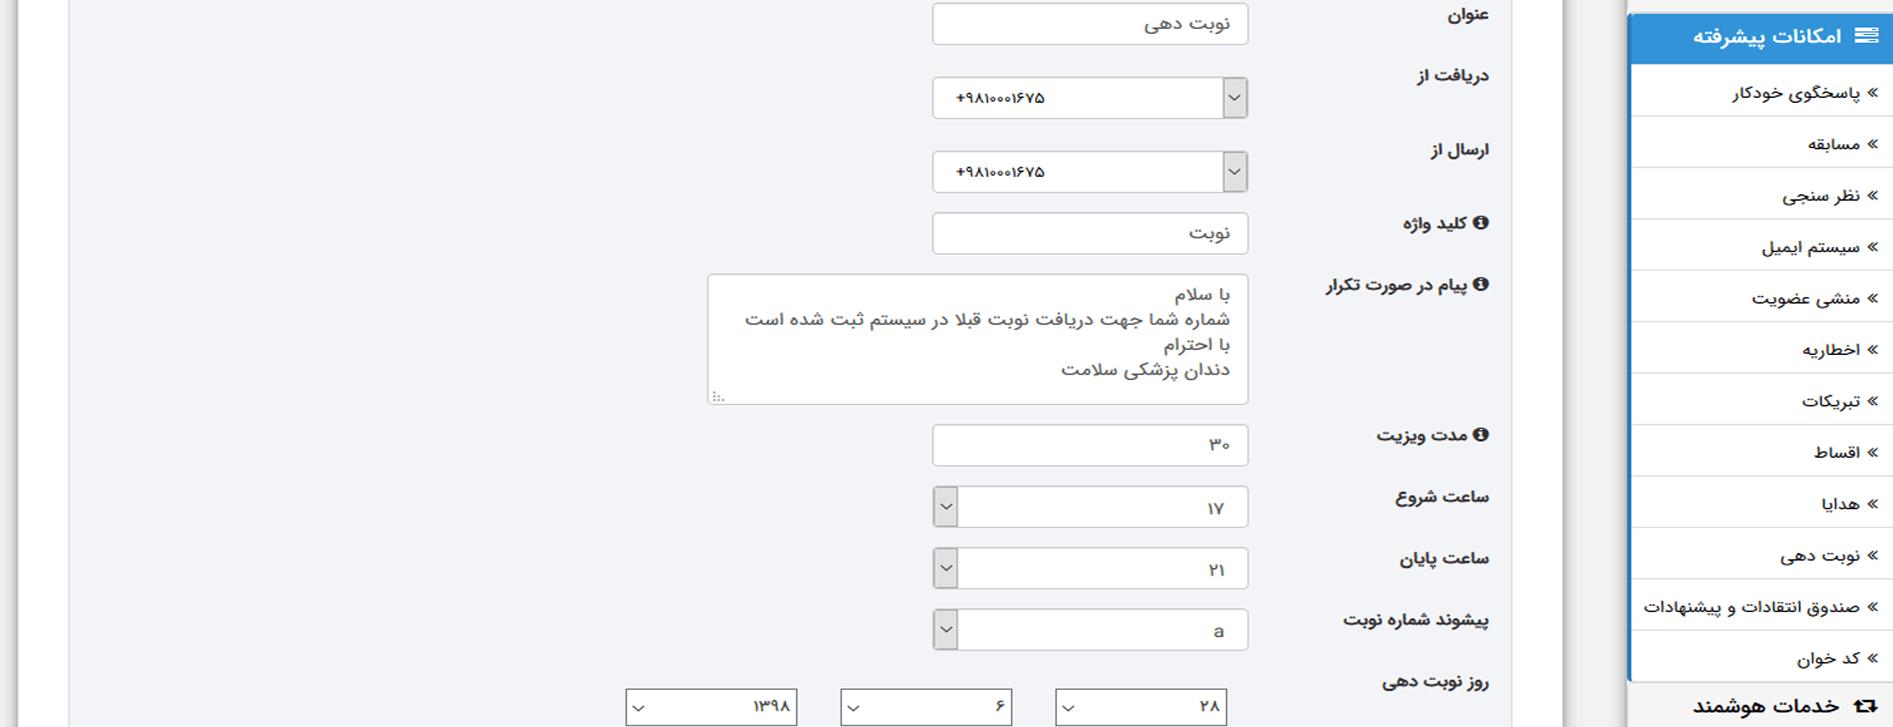 راه اندازی سیستم نوبت دهی پیامکی